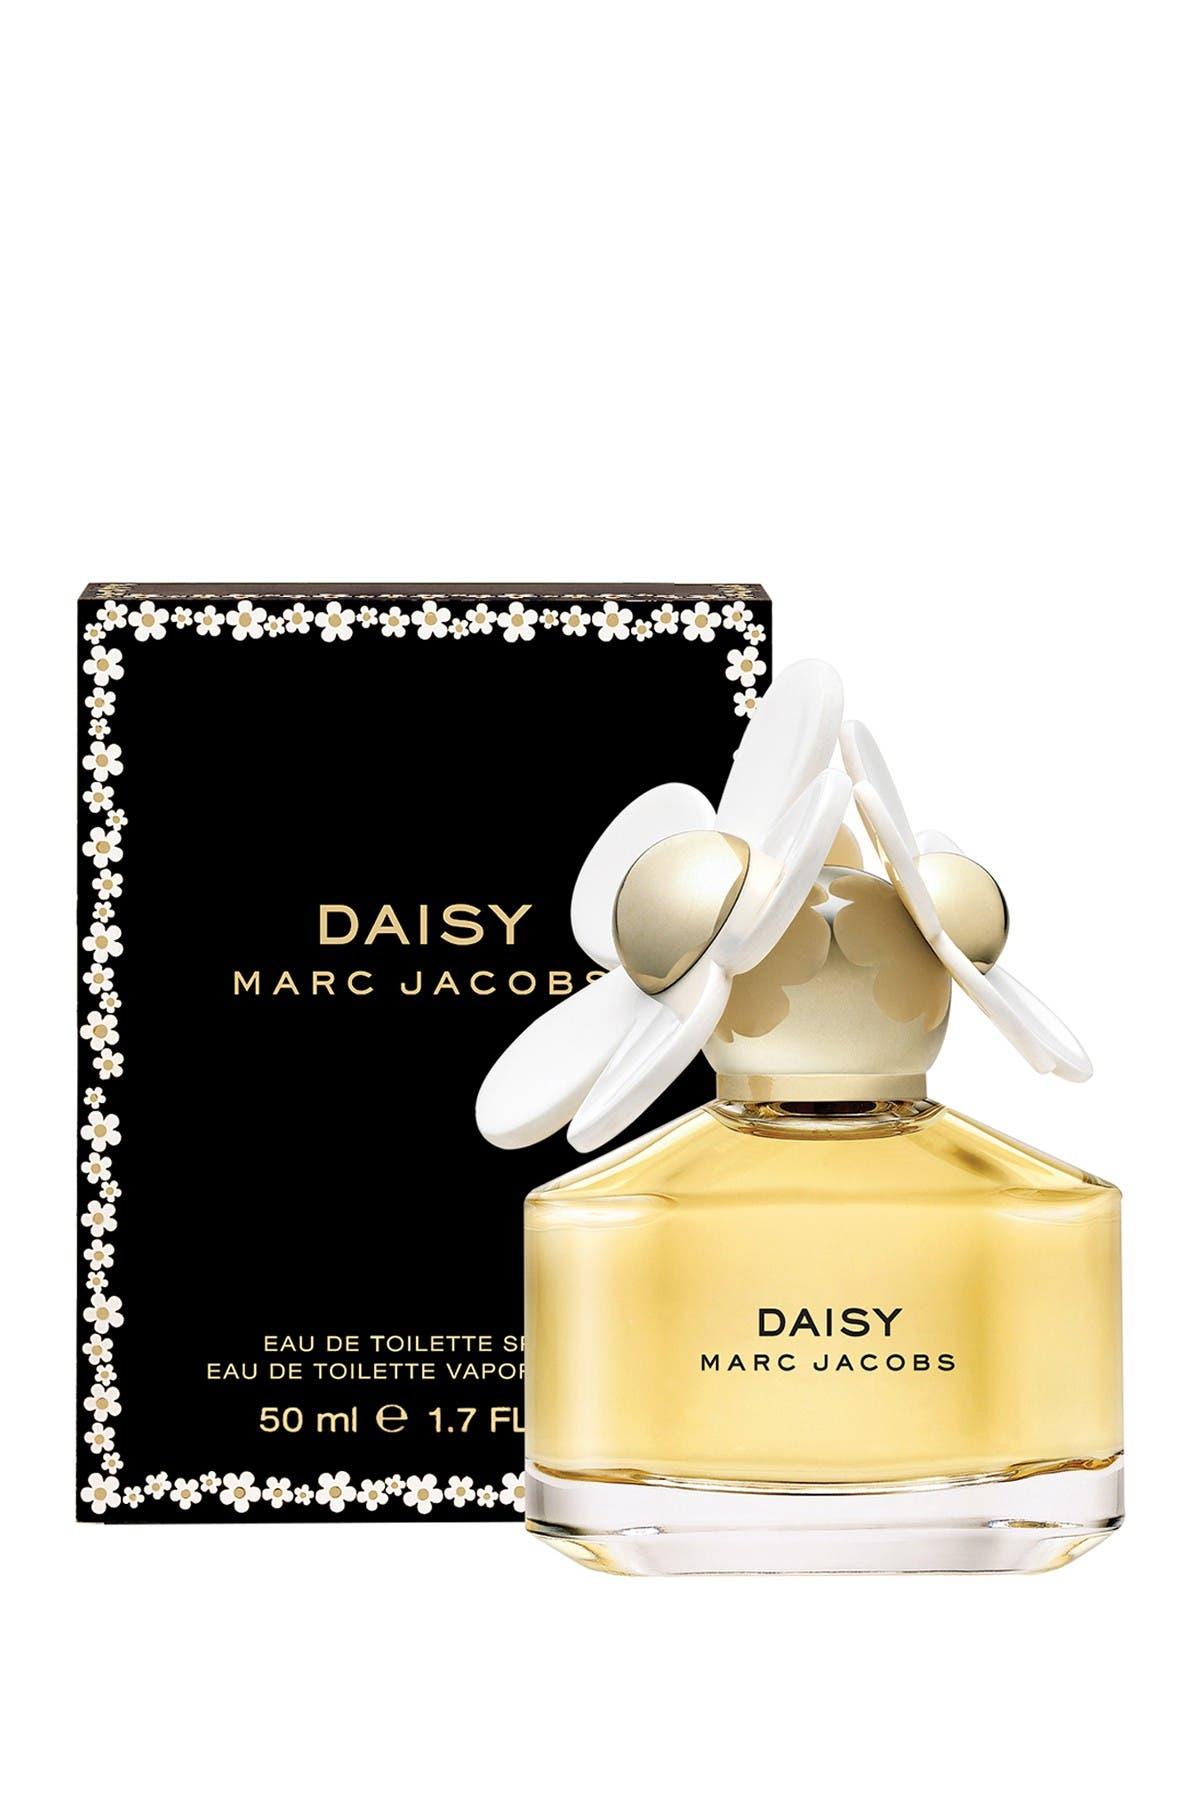 Image of Marc Jacobs Daisy Marc Jacobs 1.7oz. Eau de Toilette